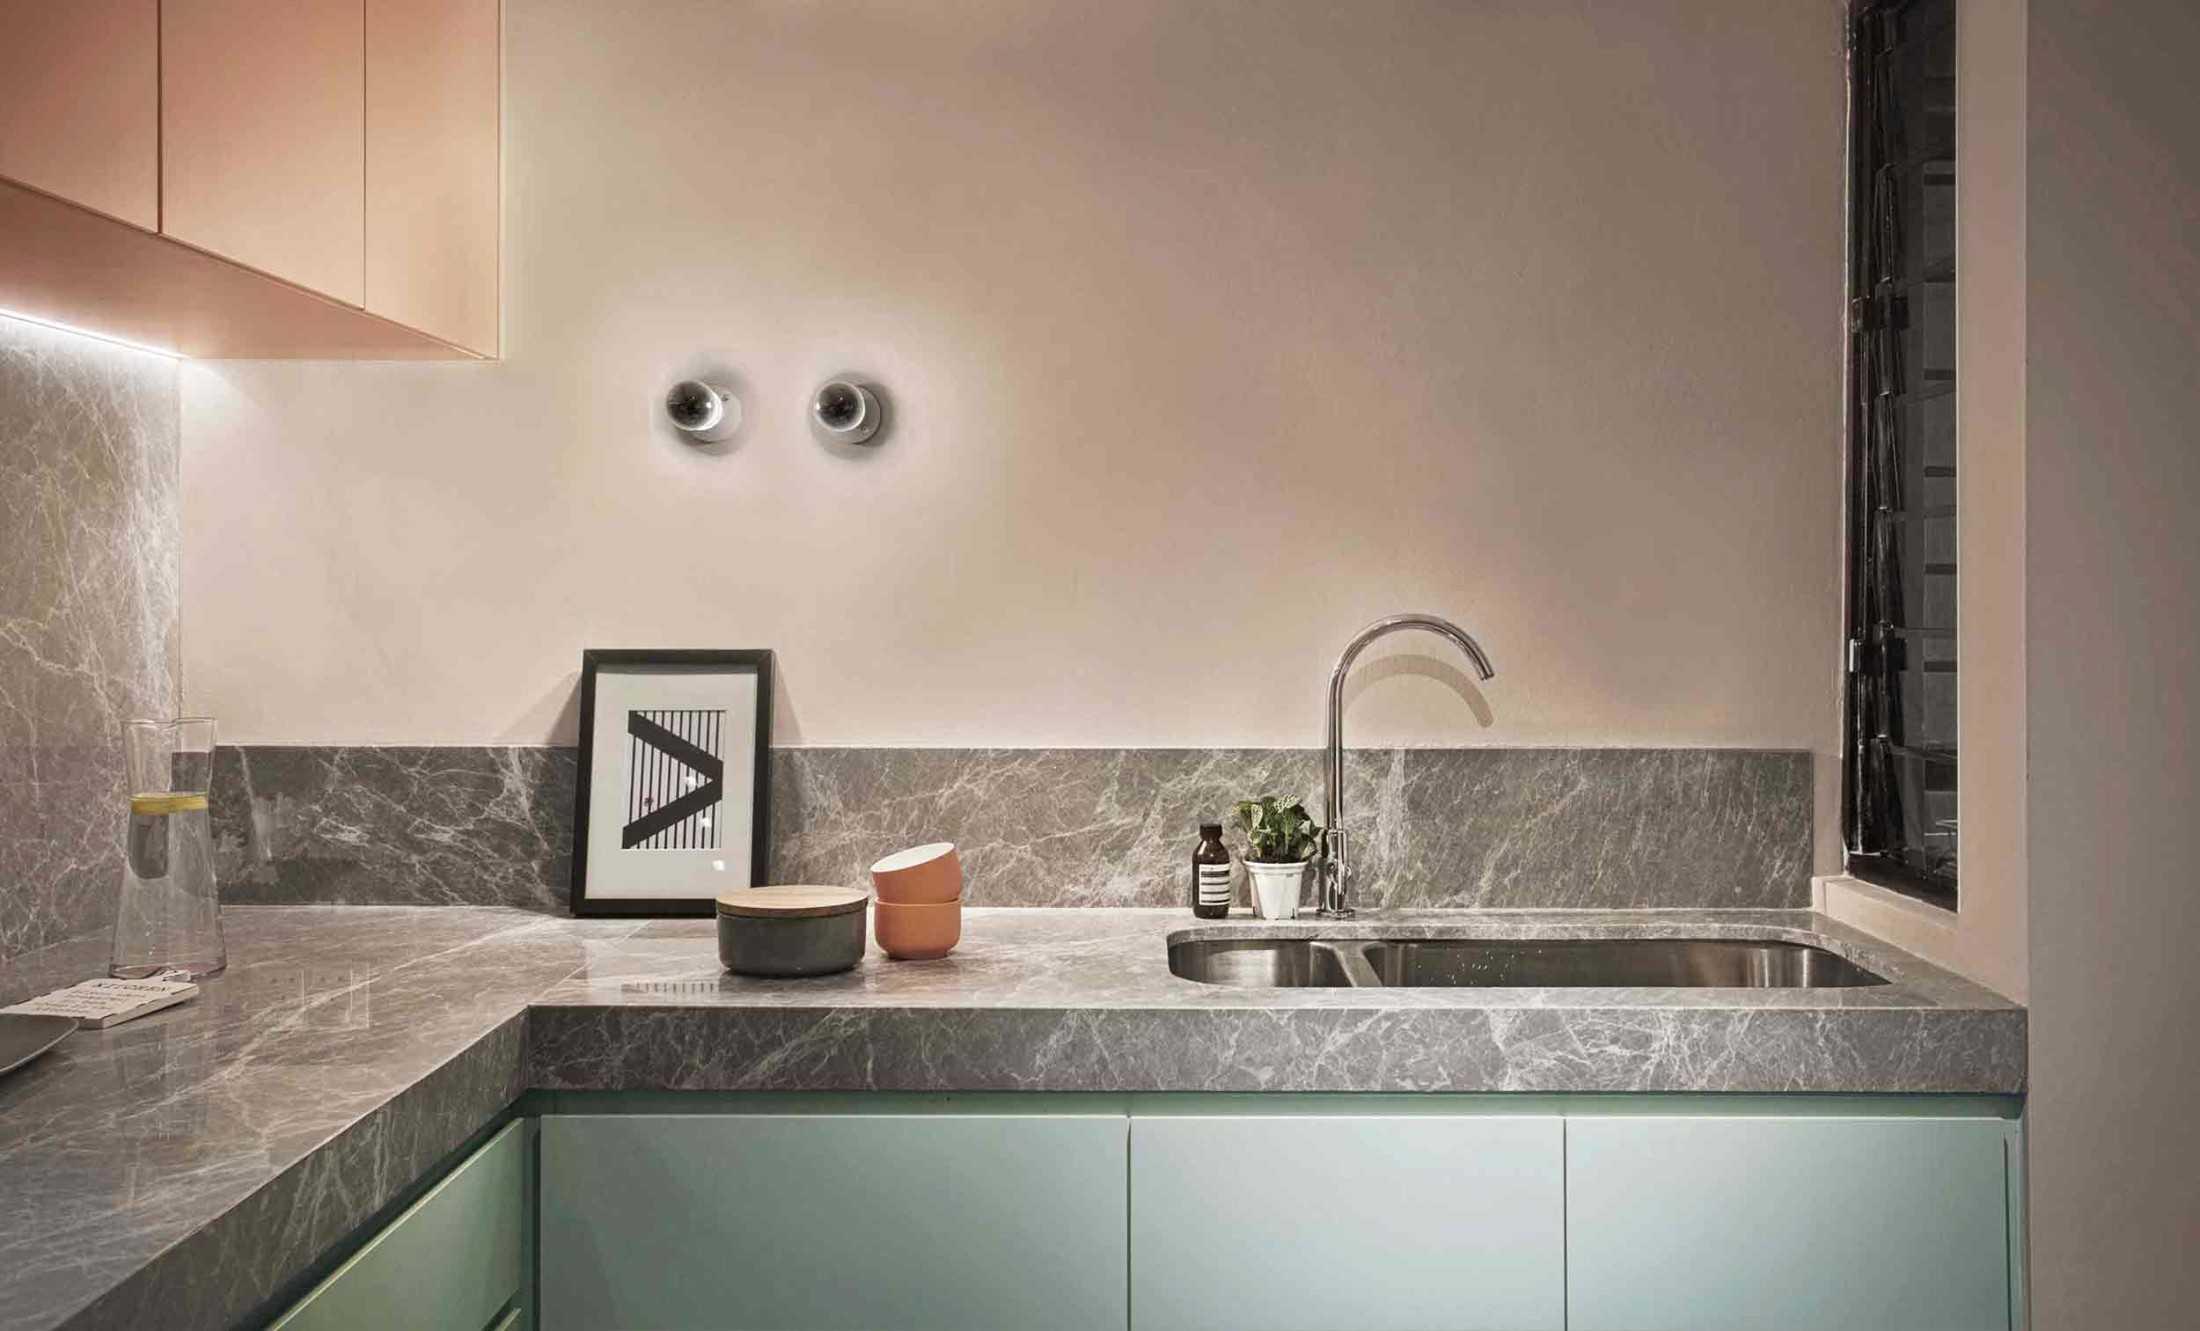 Dapur kontemporer dengan kabinet bawah warna hijau pastel, karya Studio Dinding, via arsitag.com